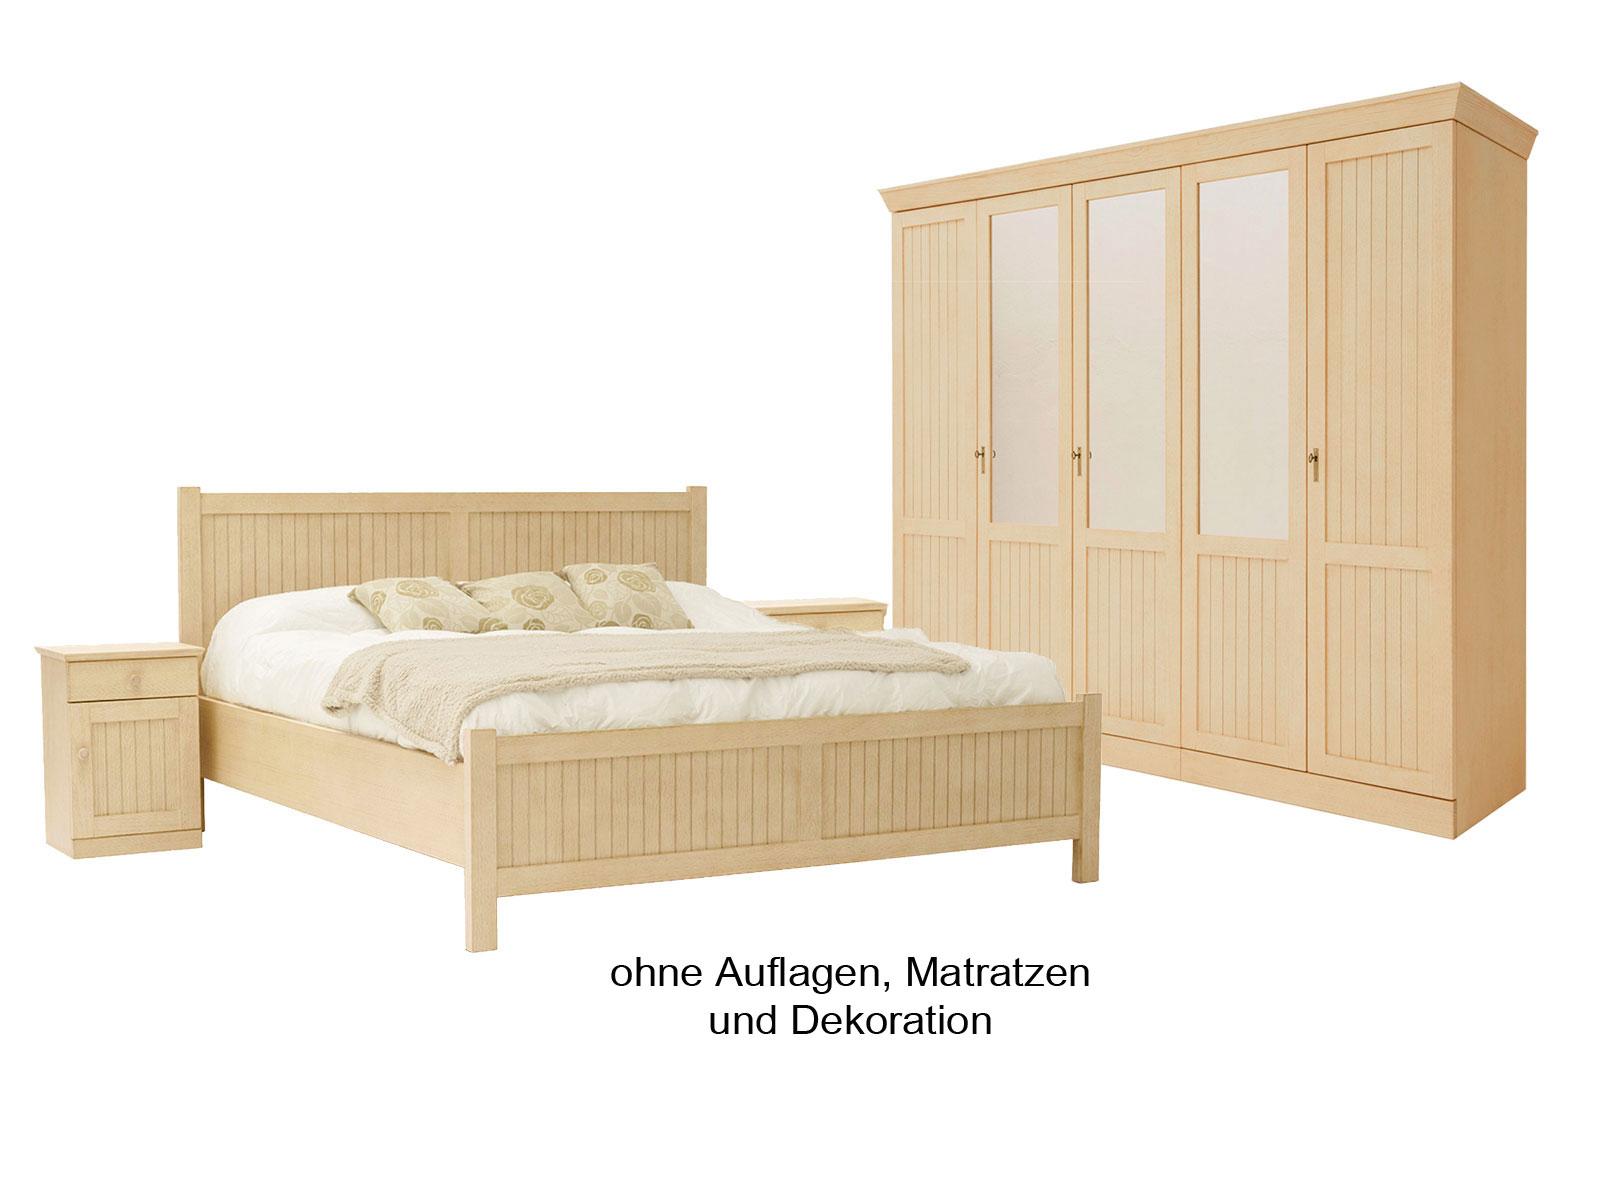 Schlafzimmer casabella mit kleiderschrank doppelbett 2 nachtkonsolen pinie massiv casamia - Schlafzimmer pinie massiv ...